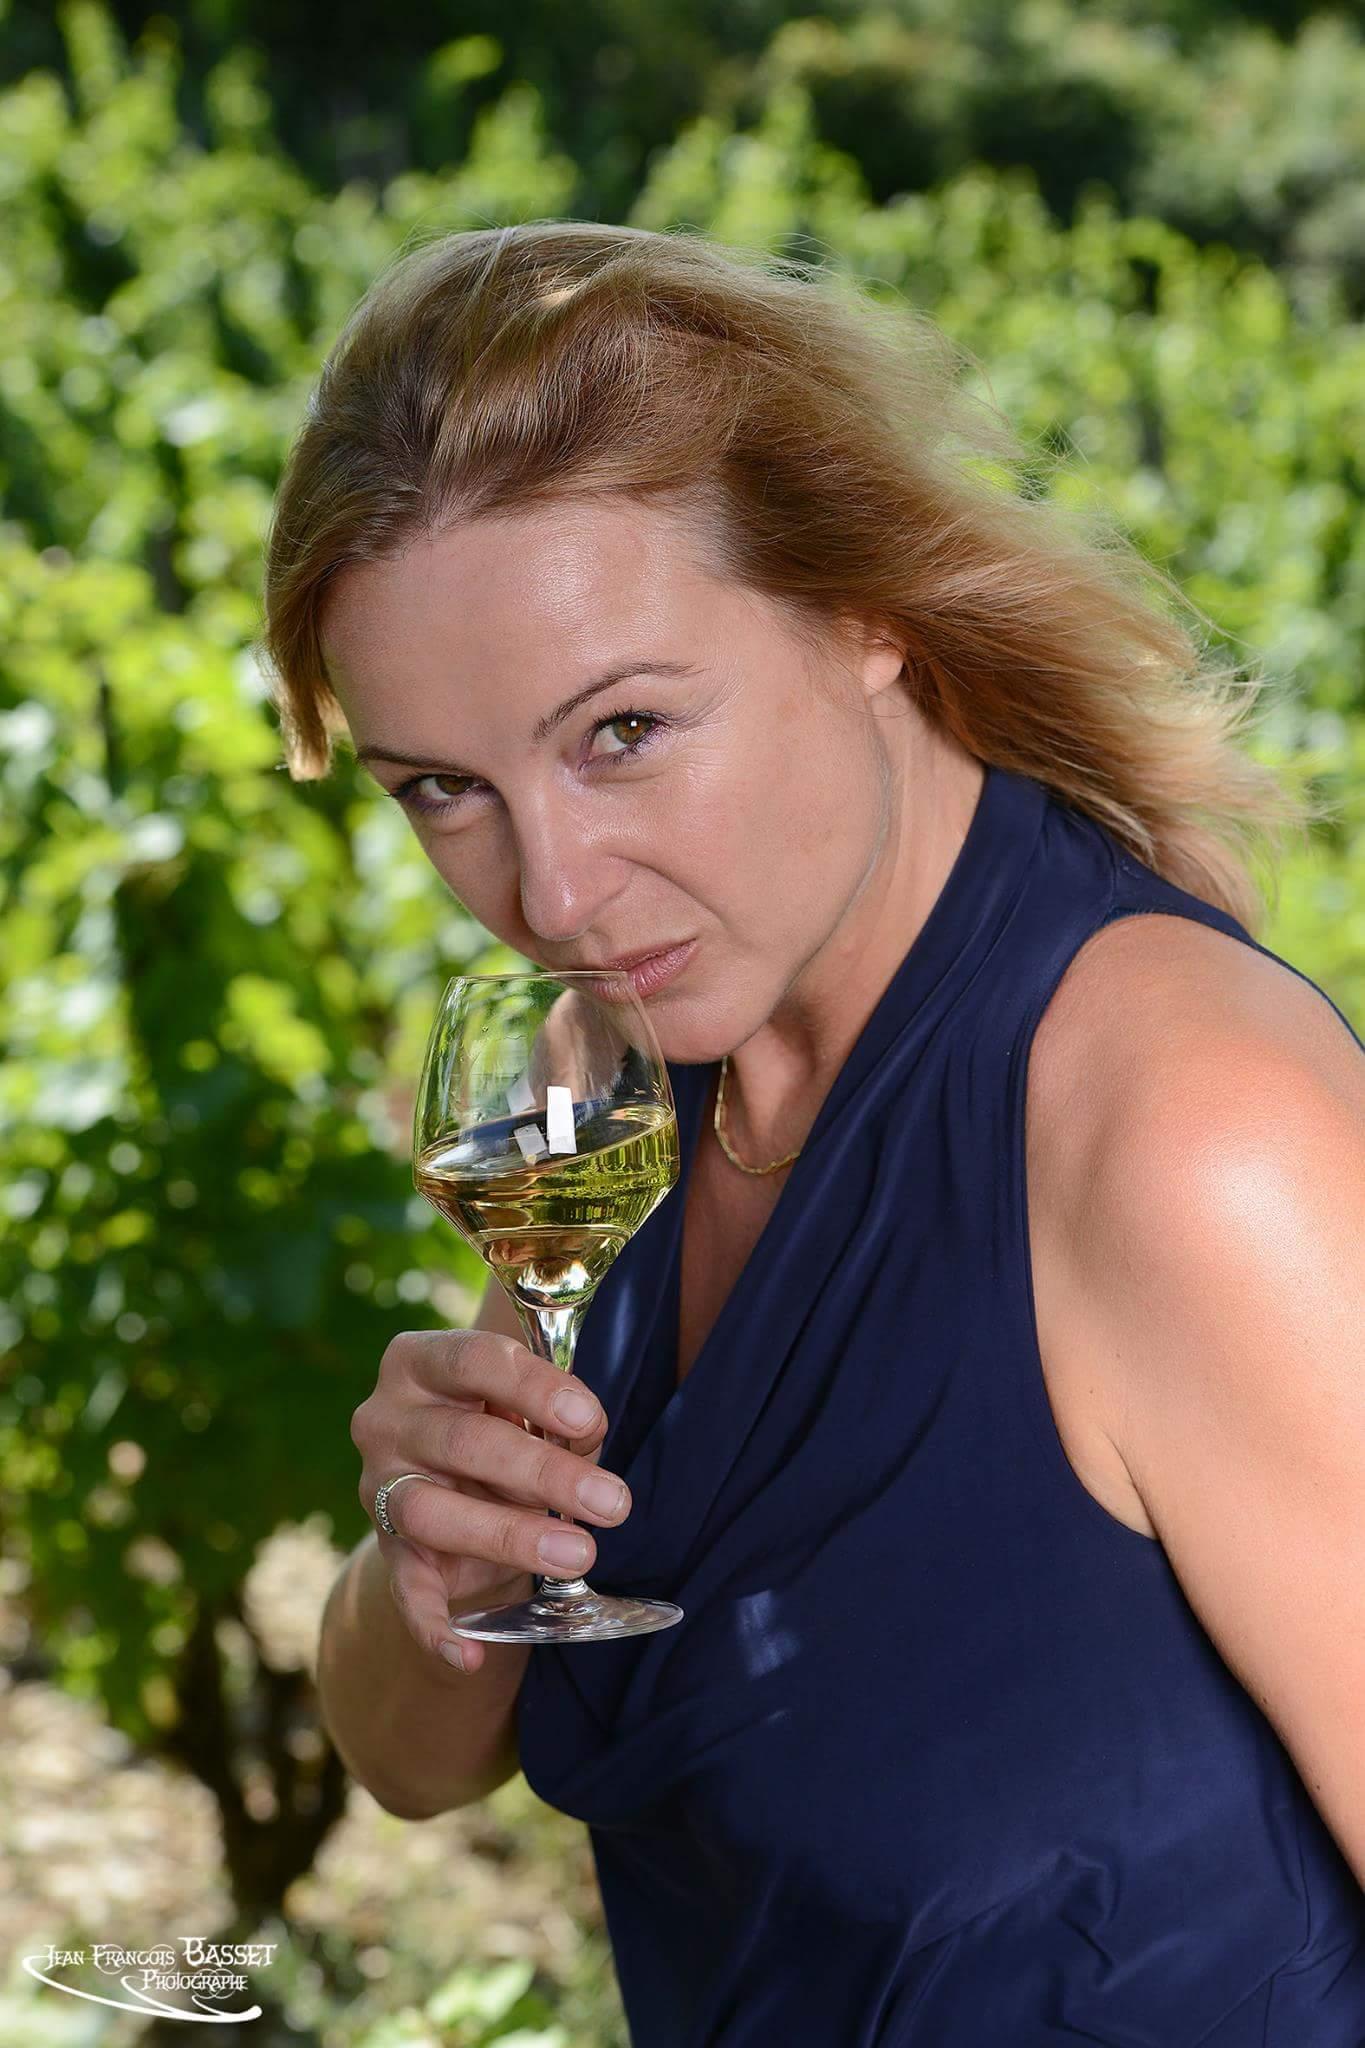 Caroline Daeschler